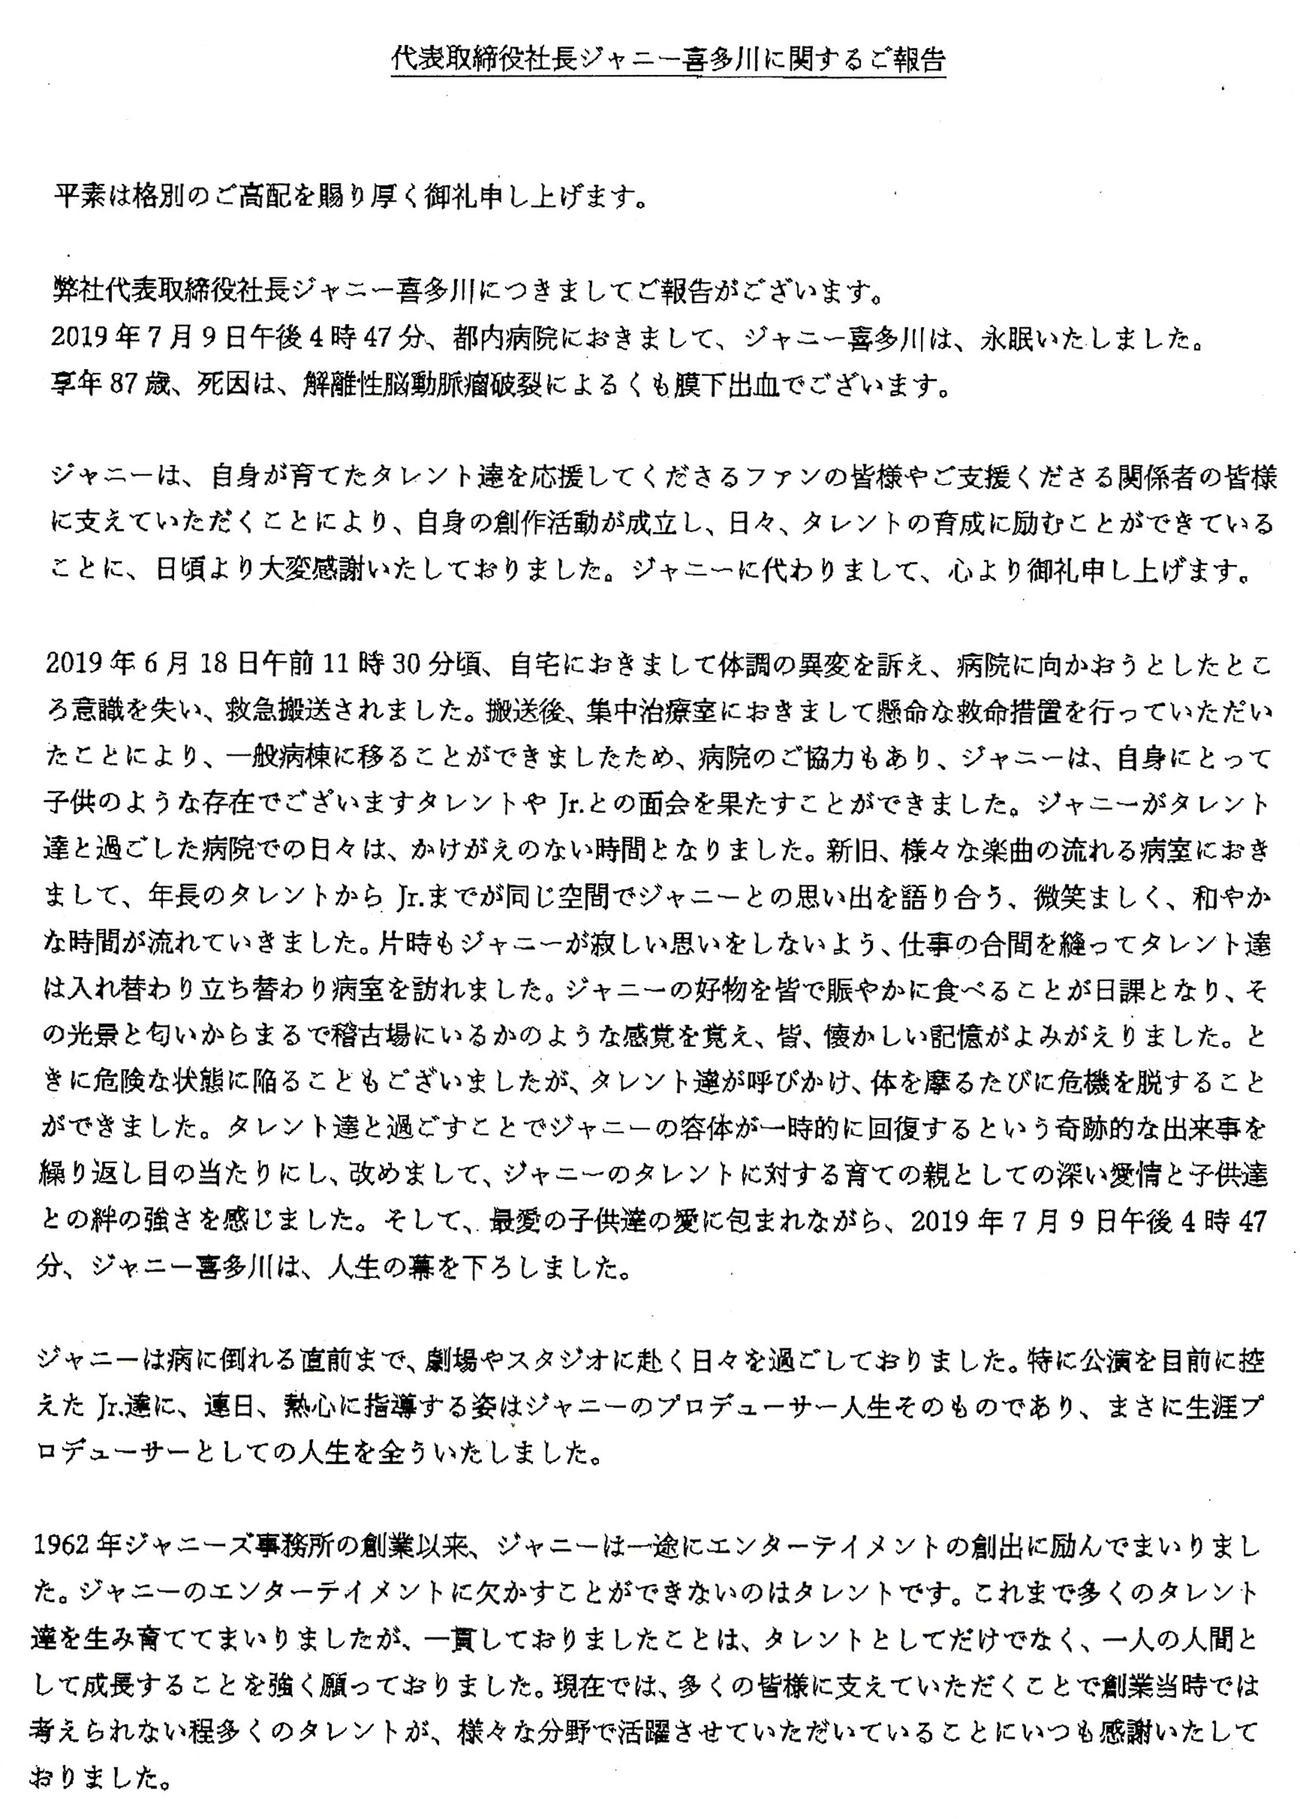 ジャニー 喜多川 死因